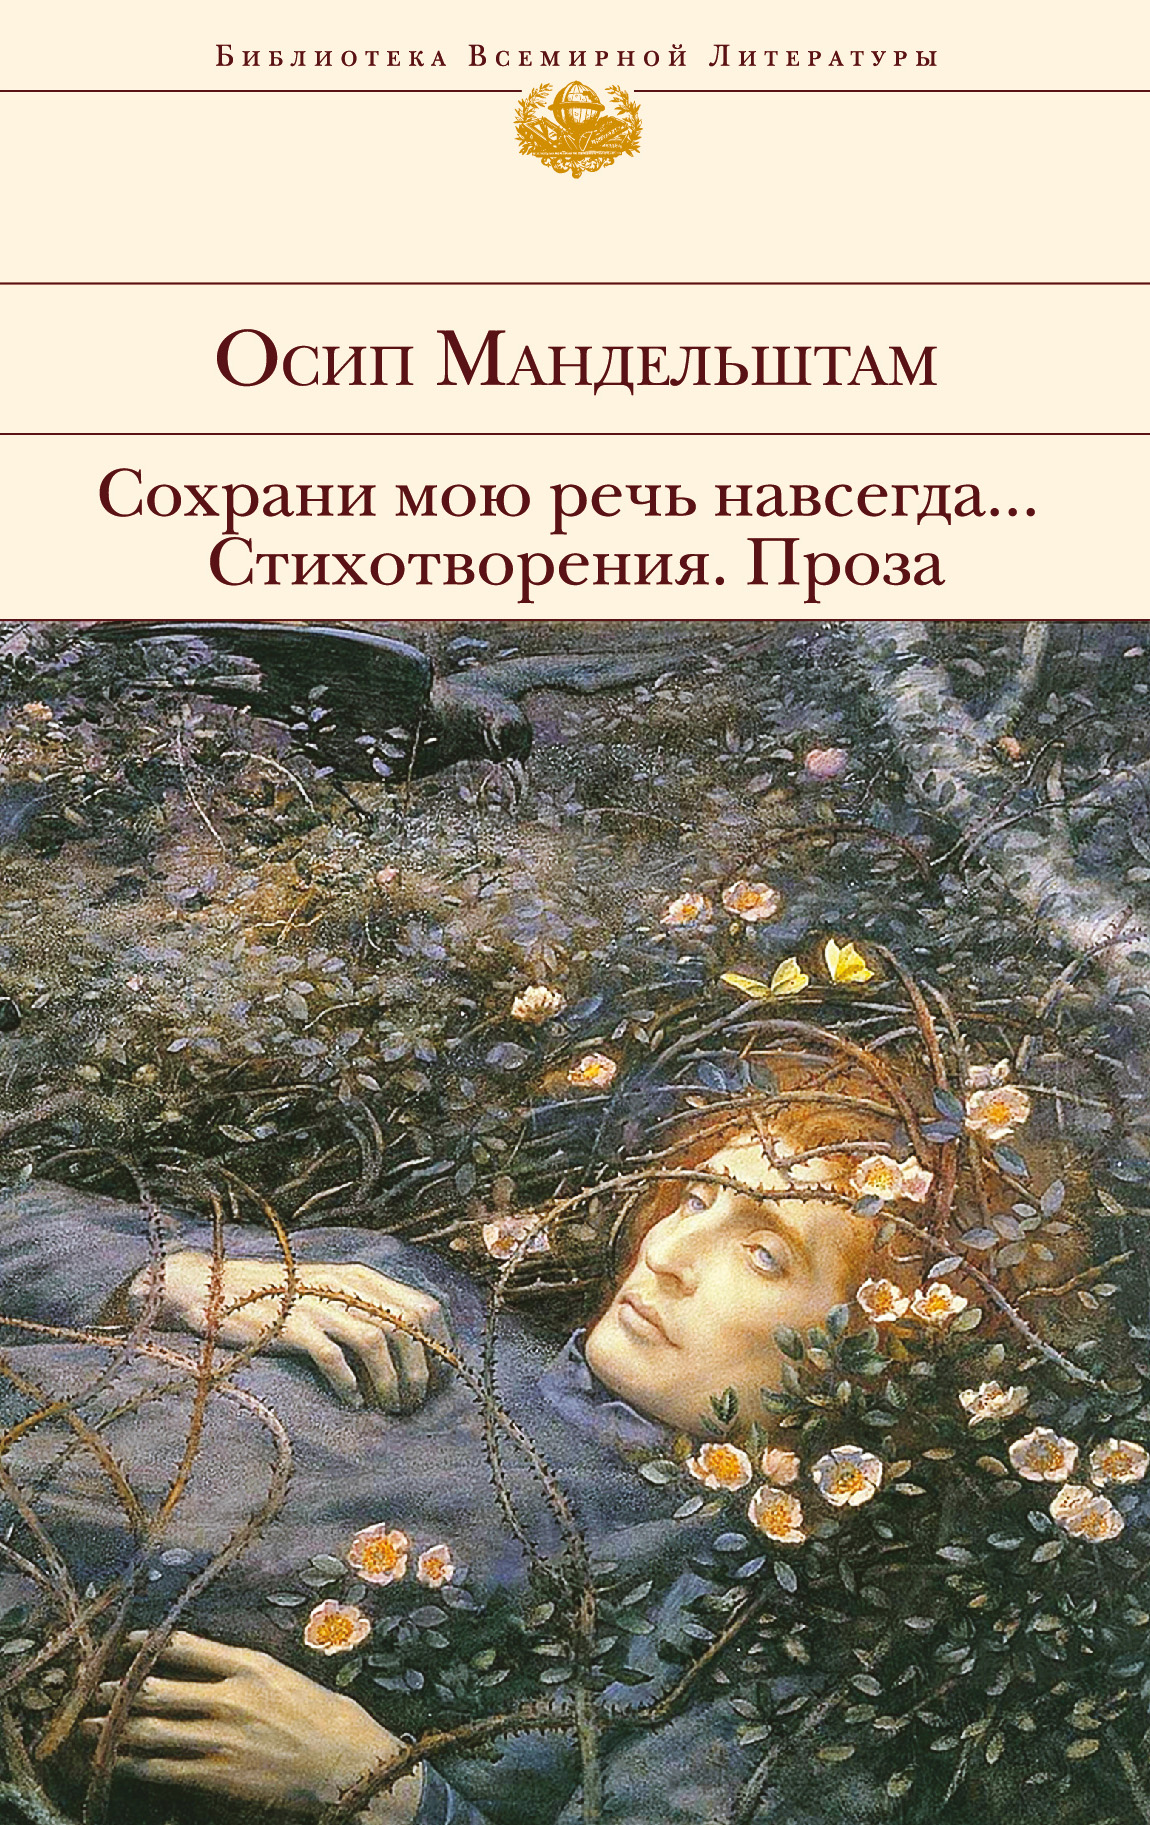 Осип Мандельштам Сохрани мою речь навсегда… Стихотворения. Проза (сборник) осип мандельштам стихотворения проза